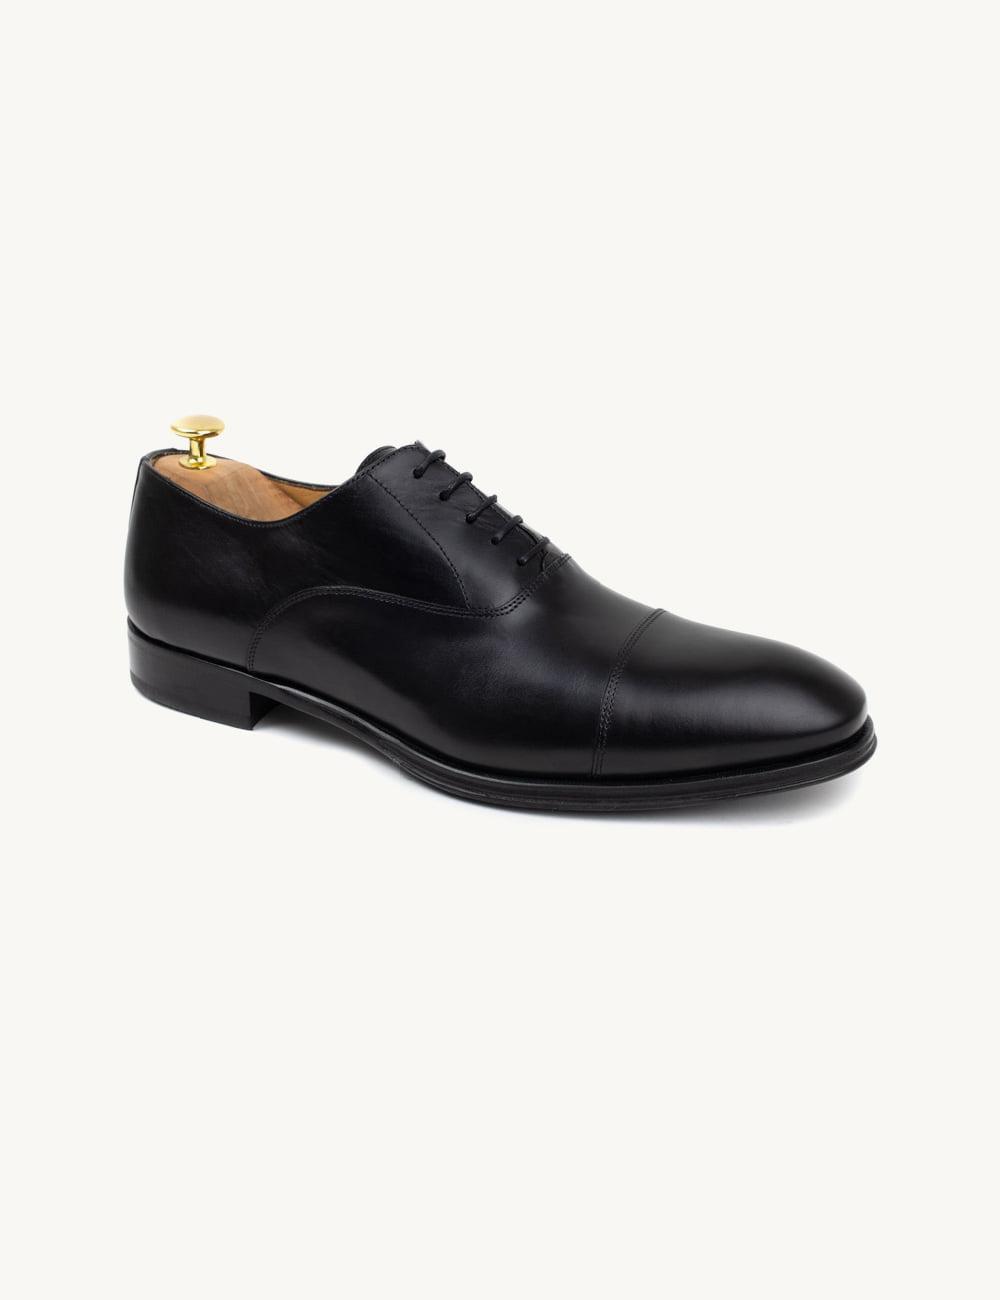 Oxford Cesare - o verdadeiro sapato para fraque